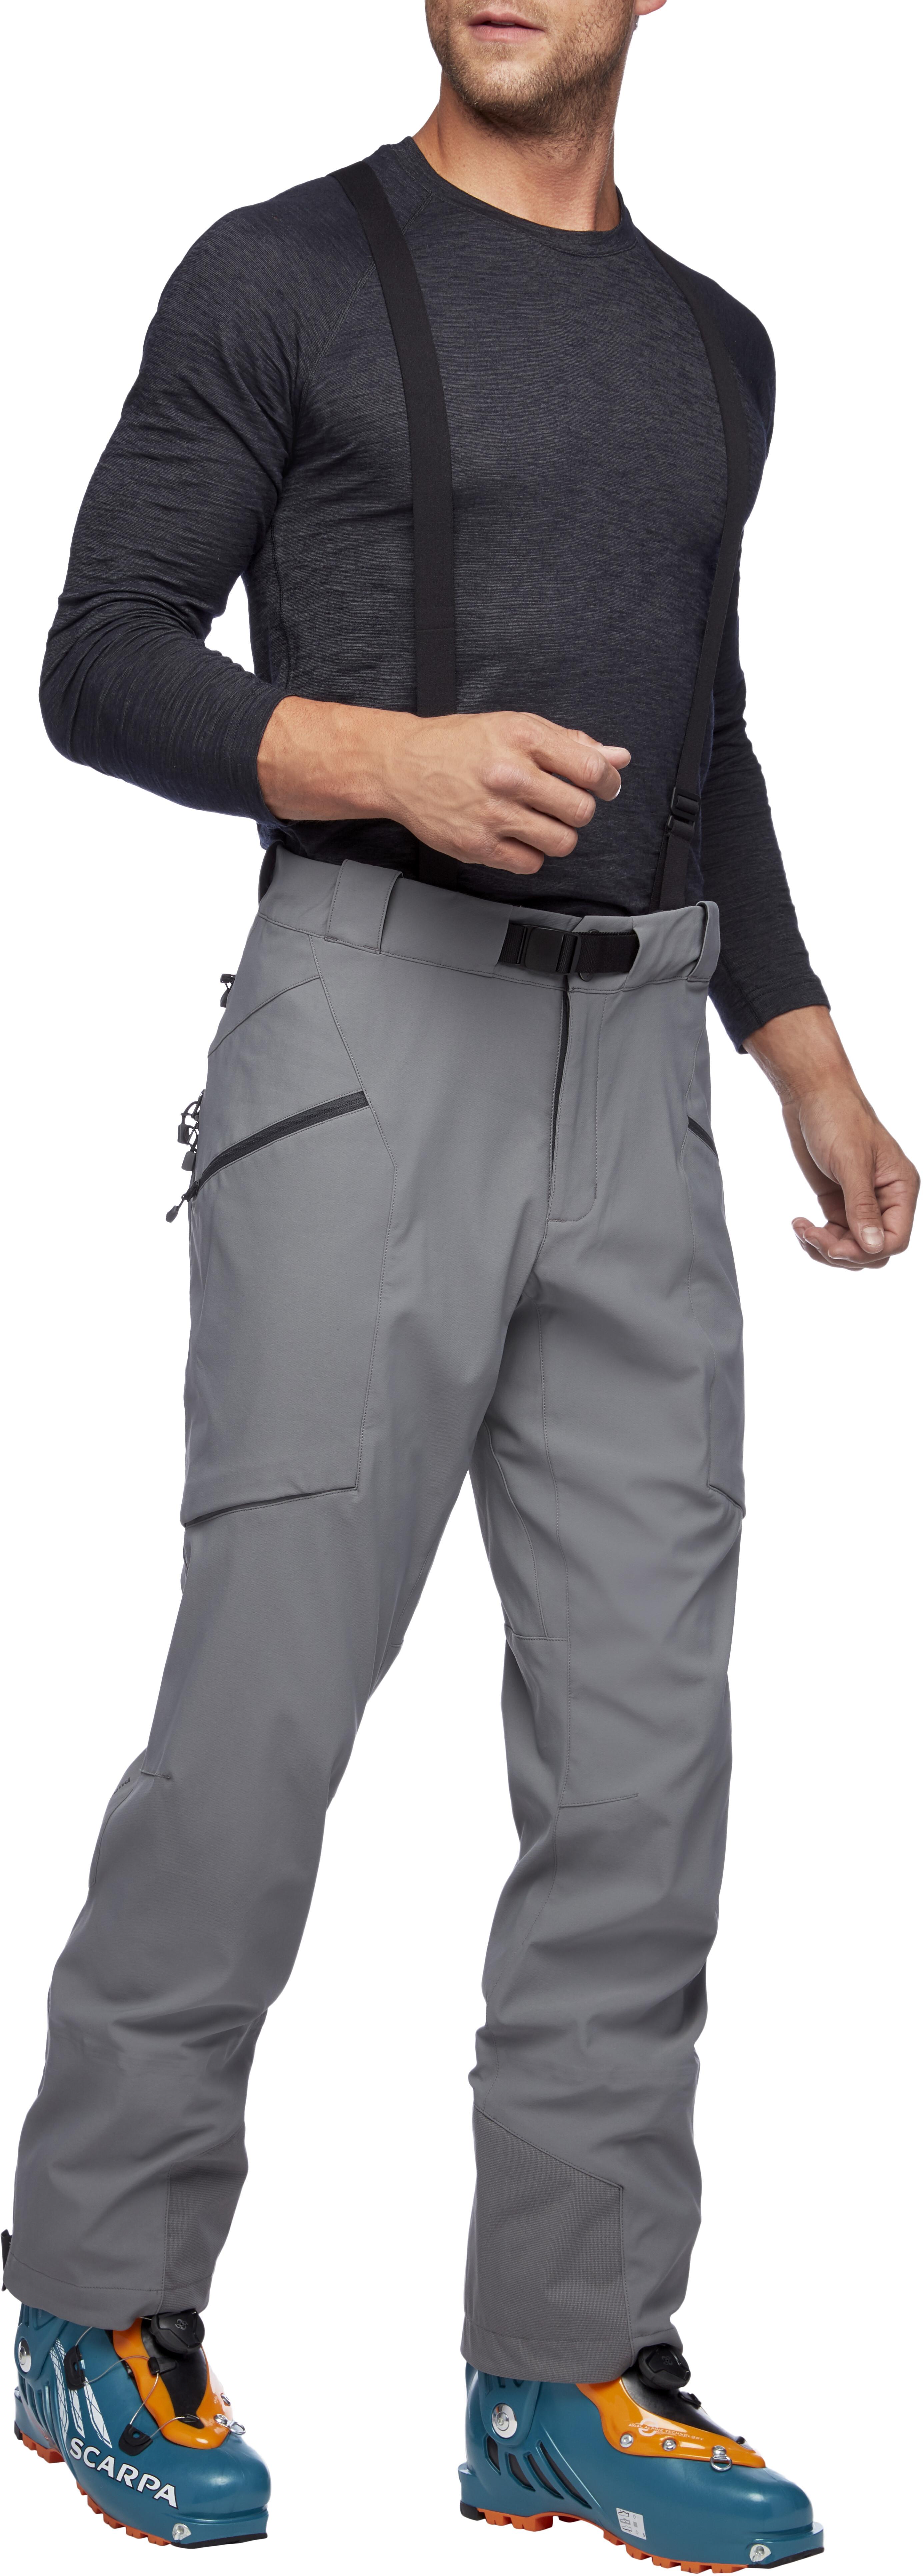 Black Diamond Dawn Patrol Pantalones Hombre Ash Campz Es